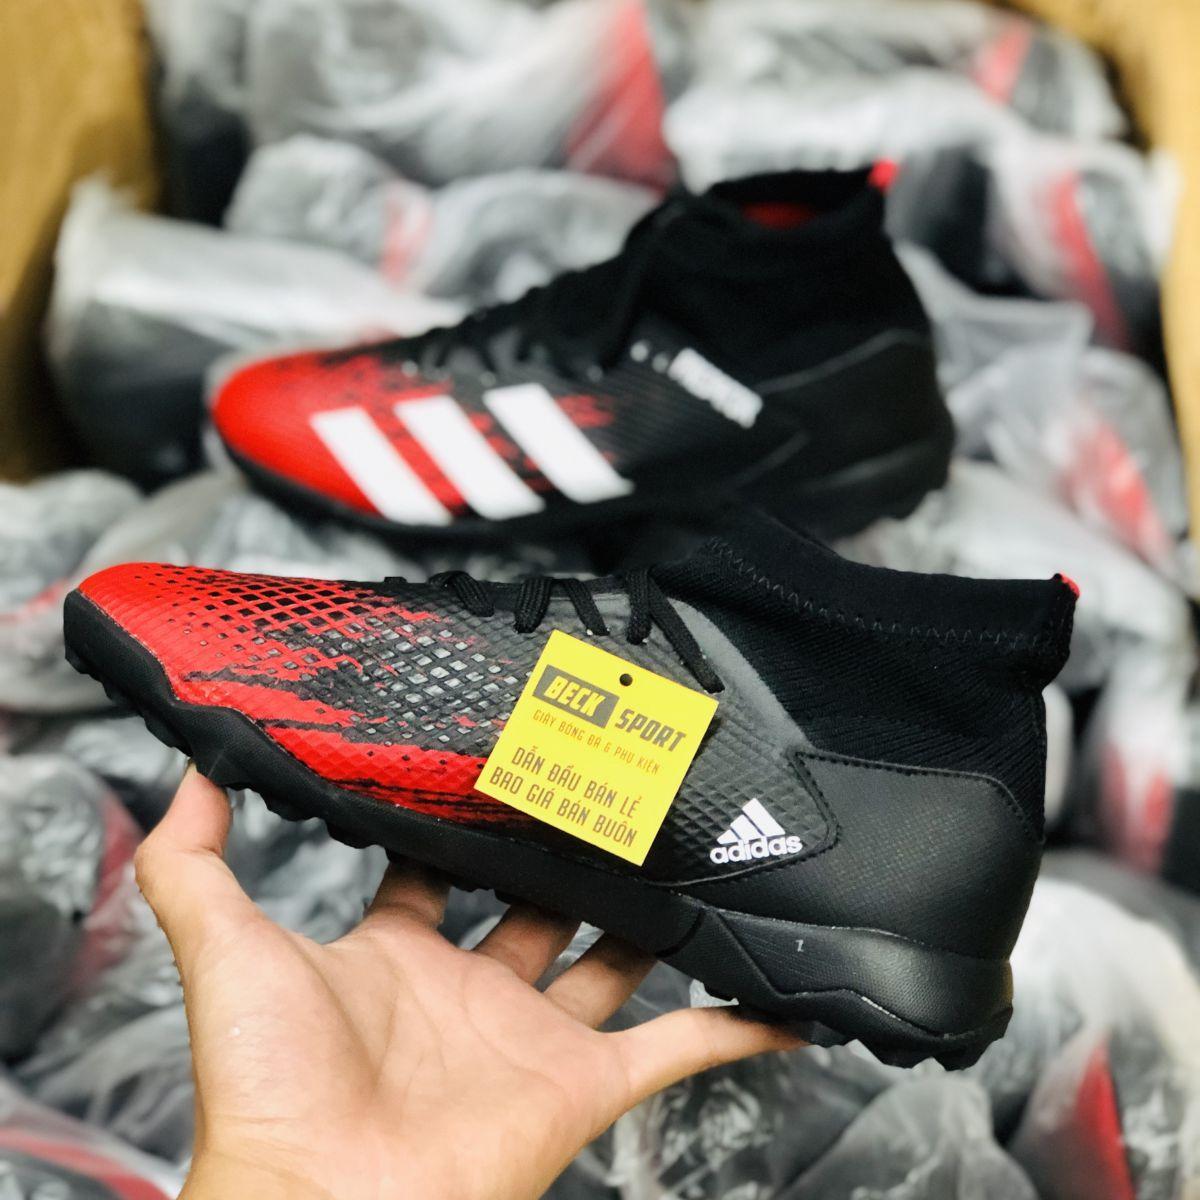 Giày Bóng Đá Adidas Predator 20.3 Đen Mũi Đỏ Vạch Trắng Cổ Cao HQ V2 TF